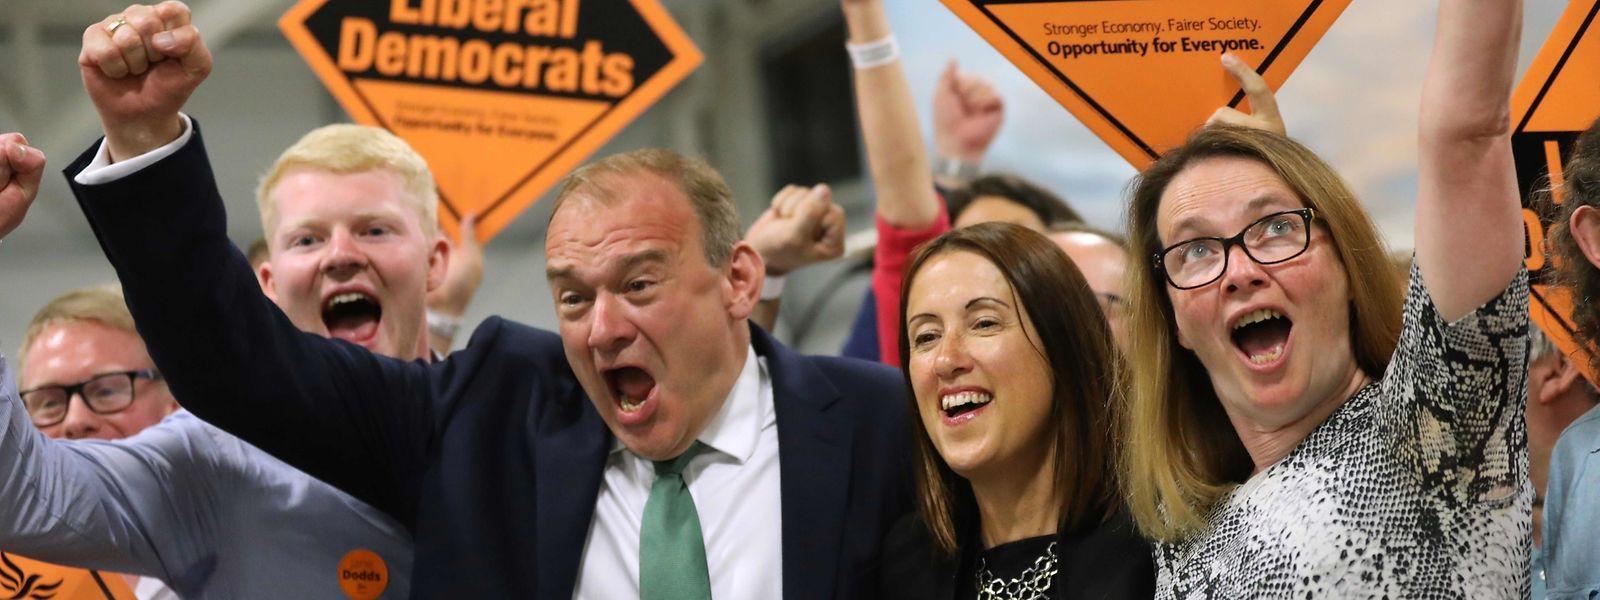 Ed Davey et Jane Dodd, victorieux lors du scrutin dans la circonscription de Brecon et Radnorshire, au Pays de Galles.